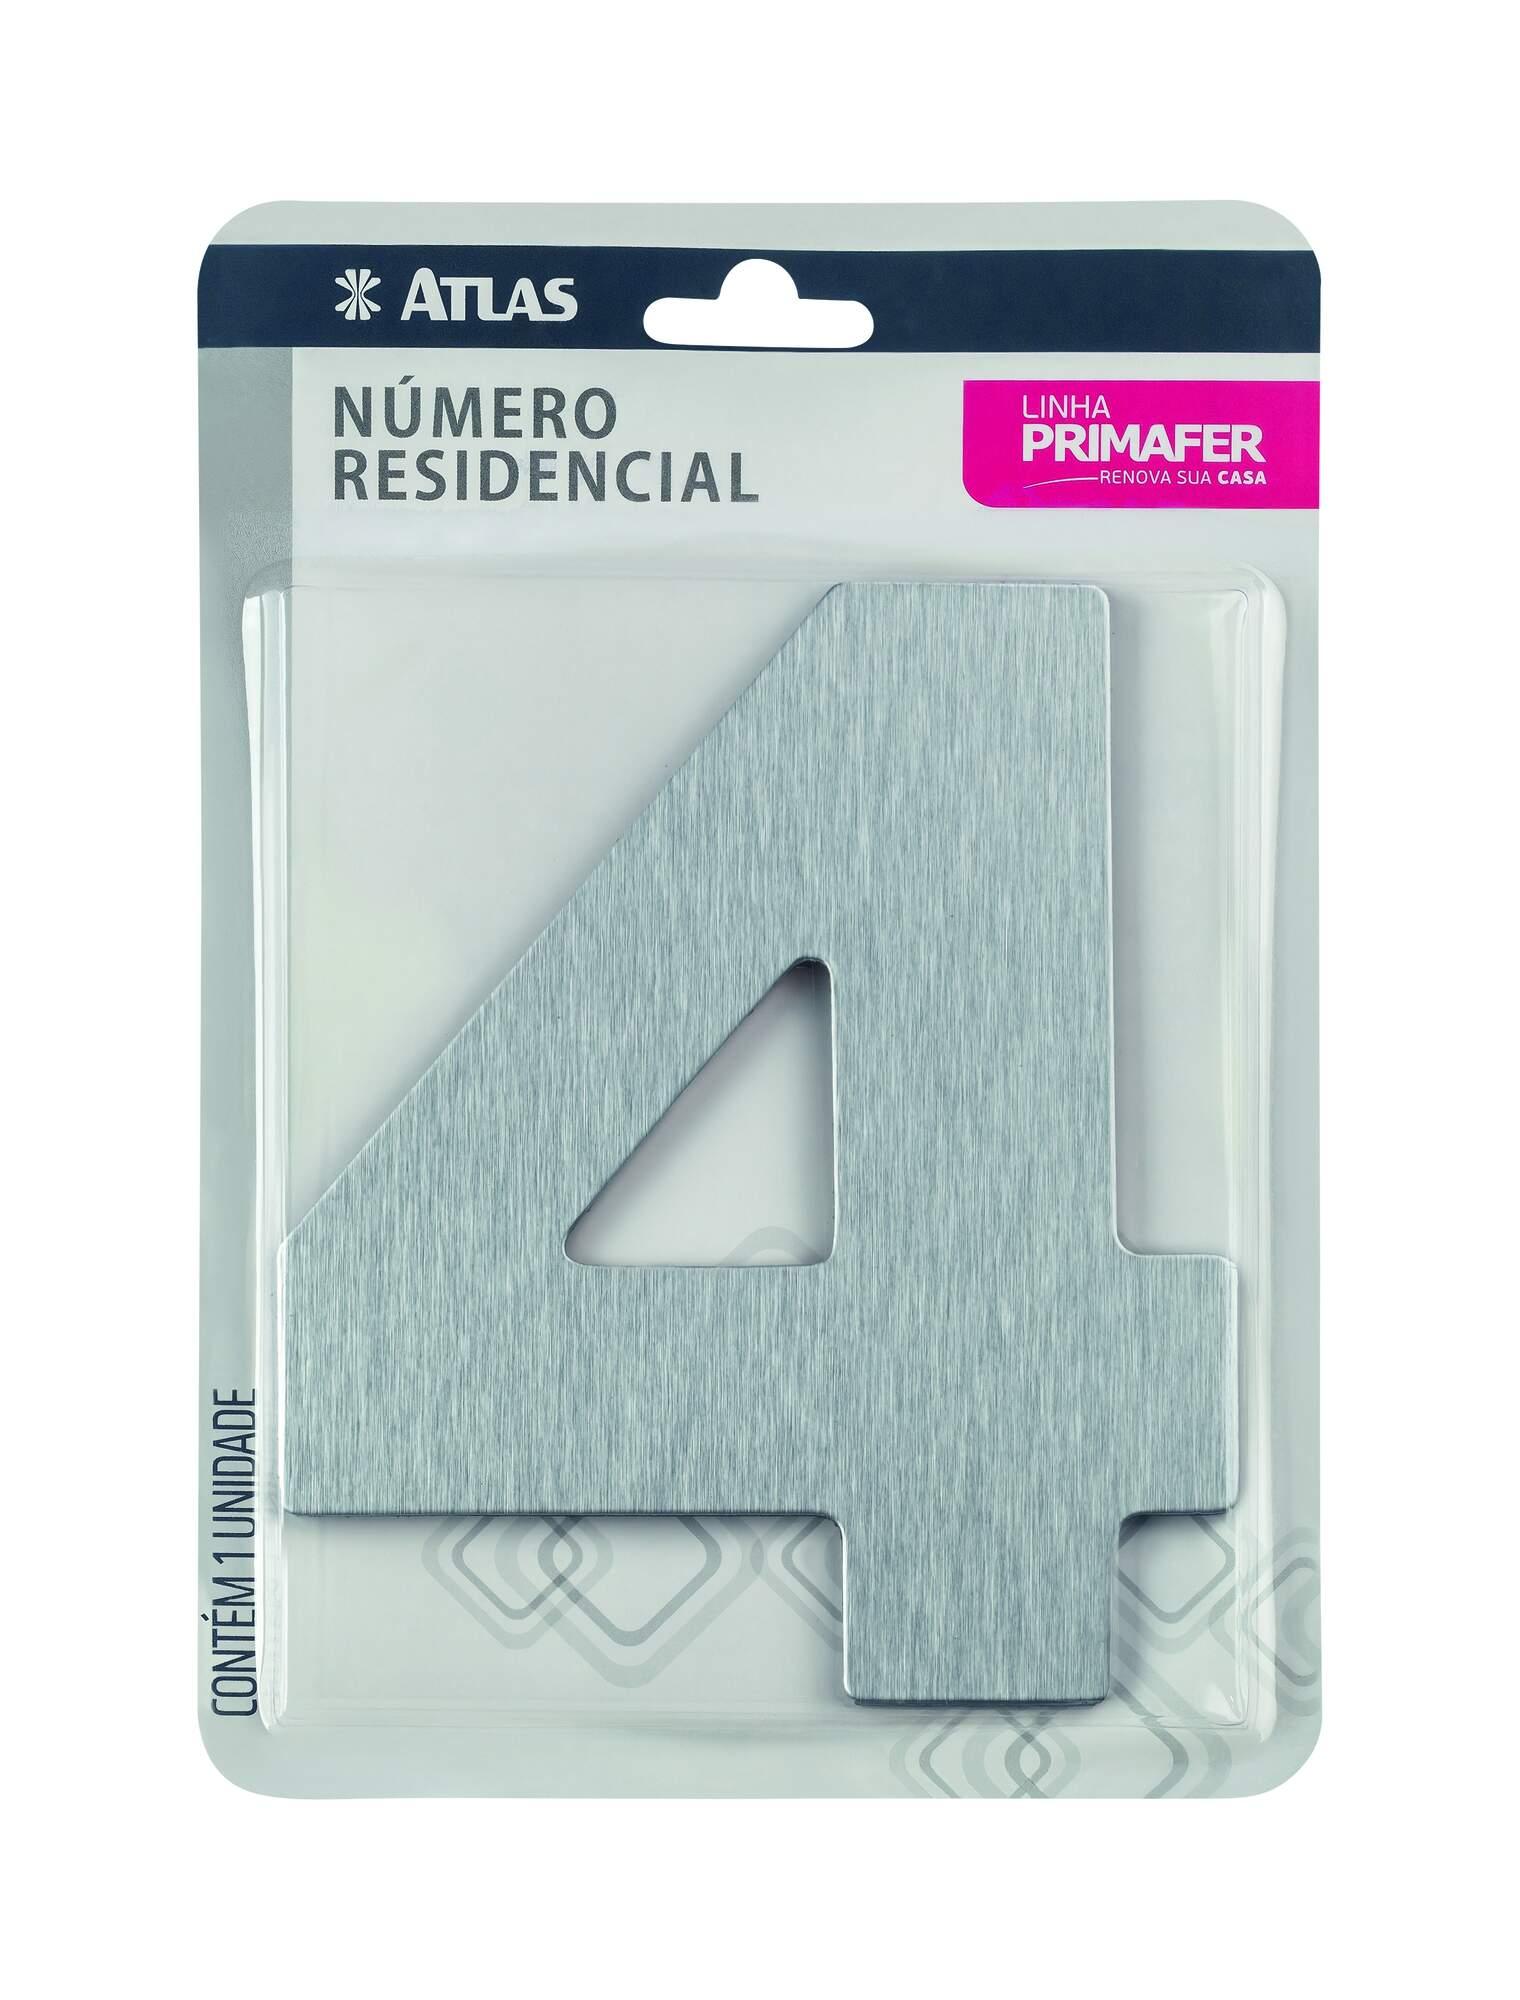 Número Residencial Adesivo Alumínio N° 4 Atlas PR3001/4.